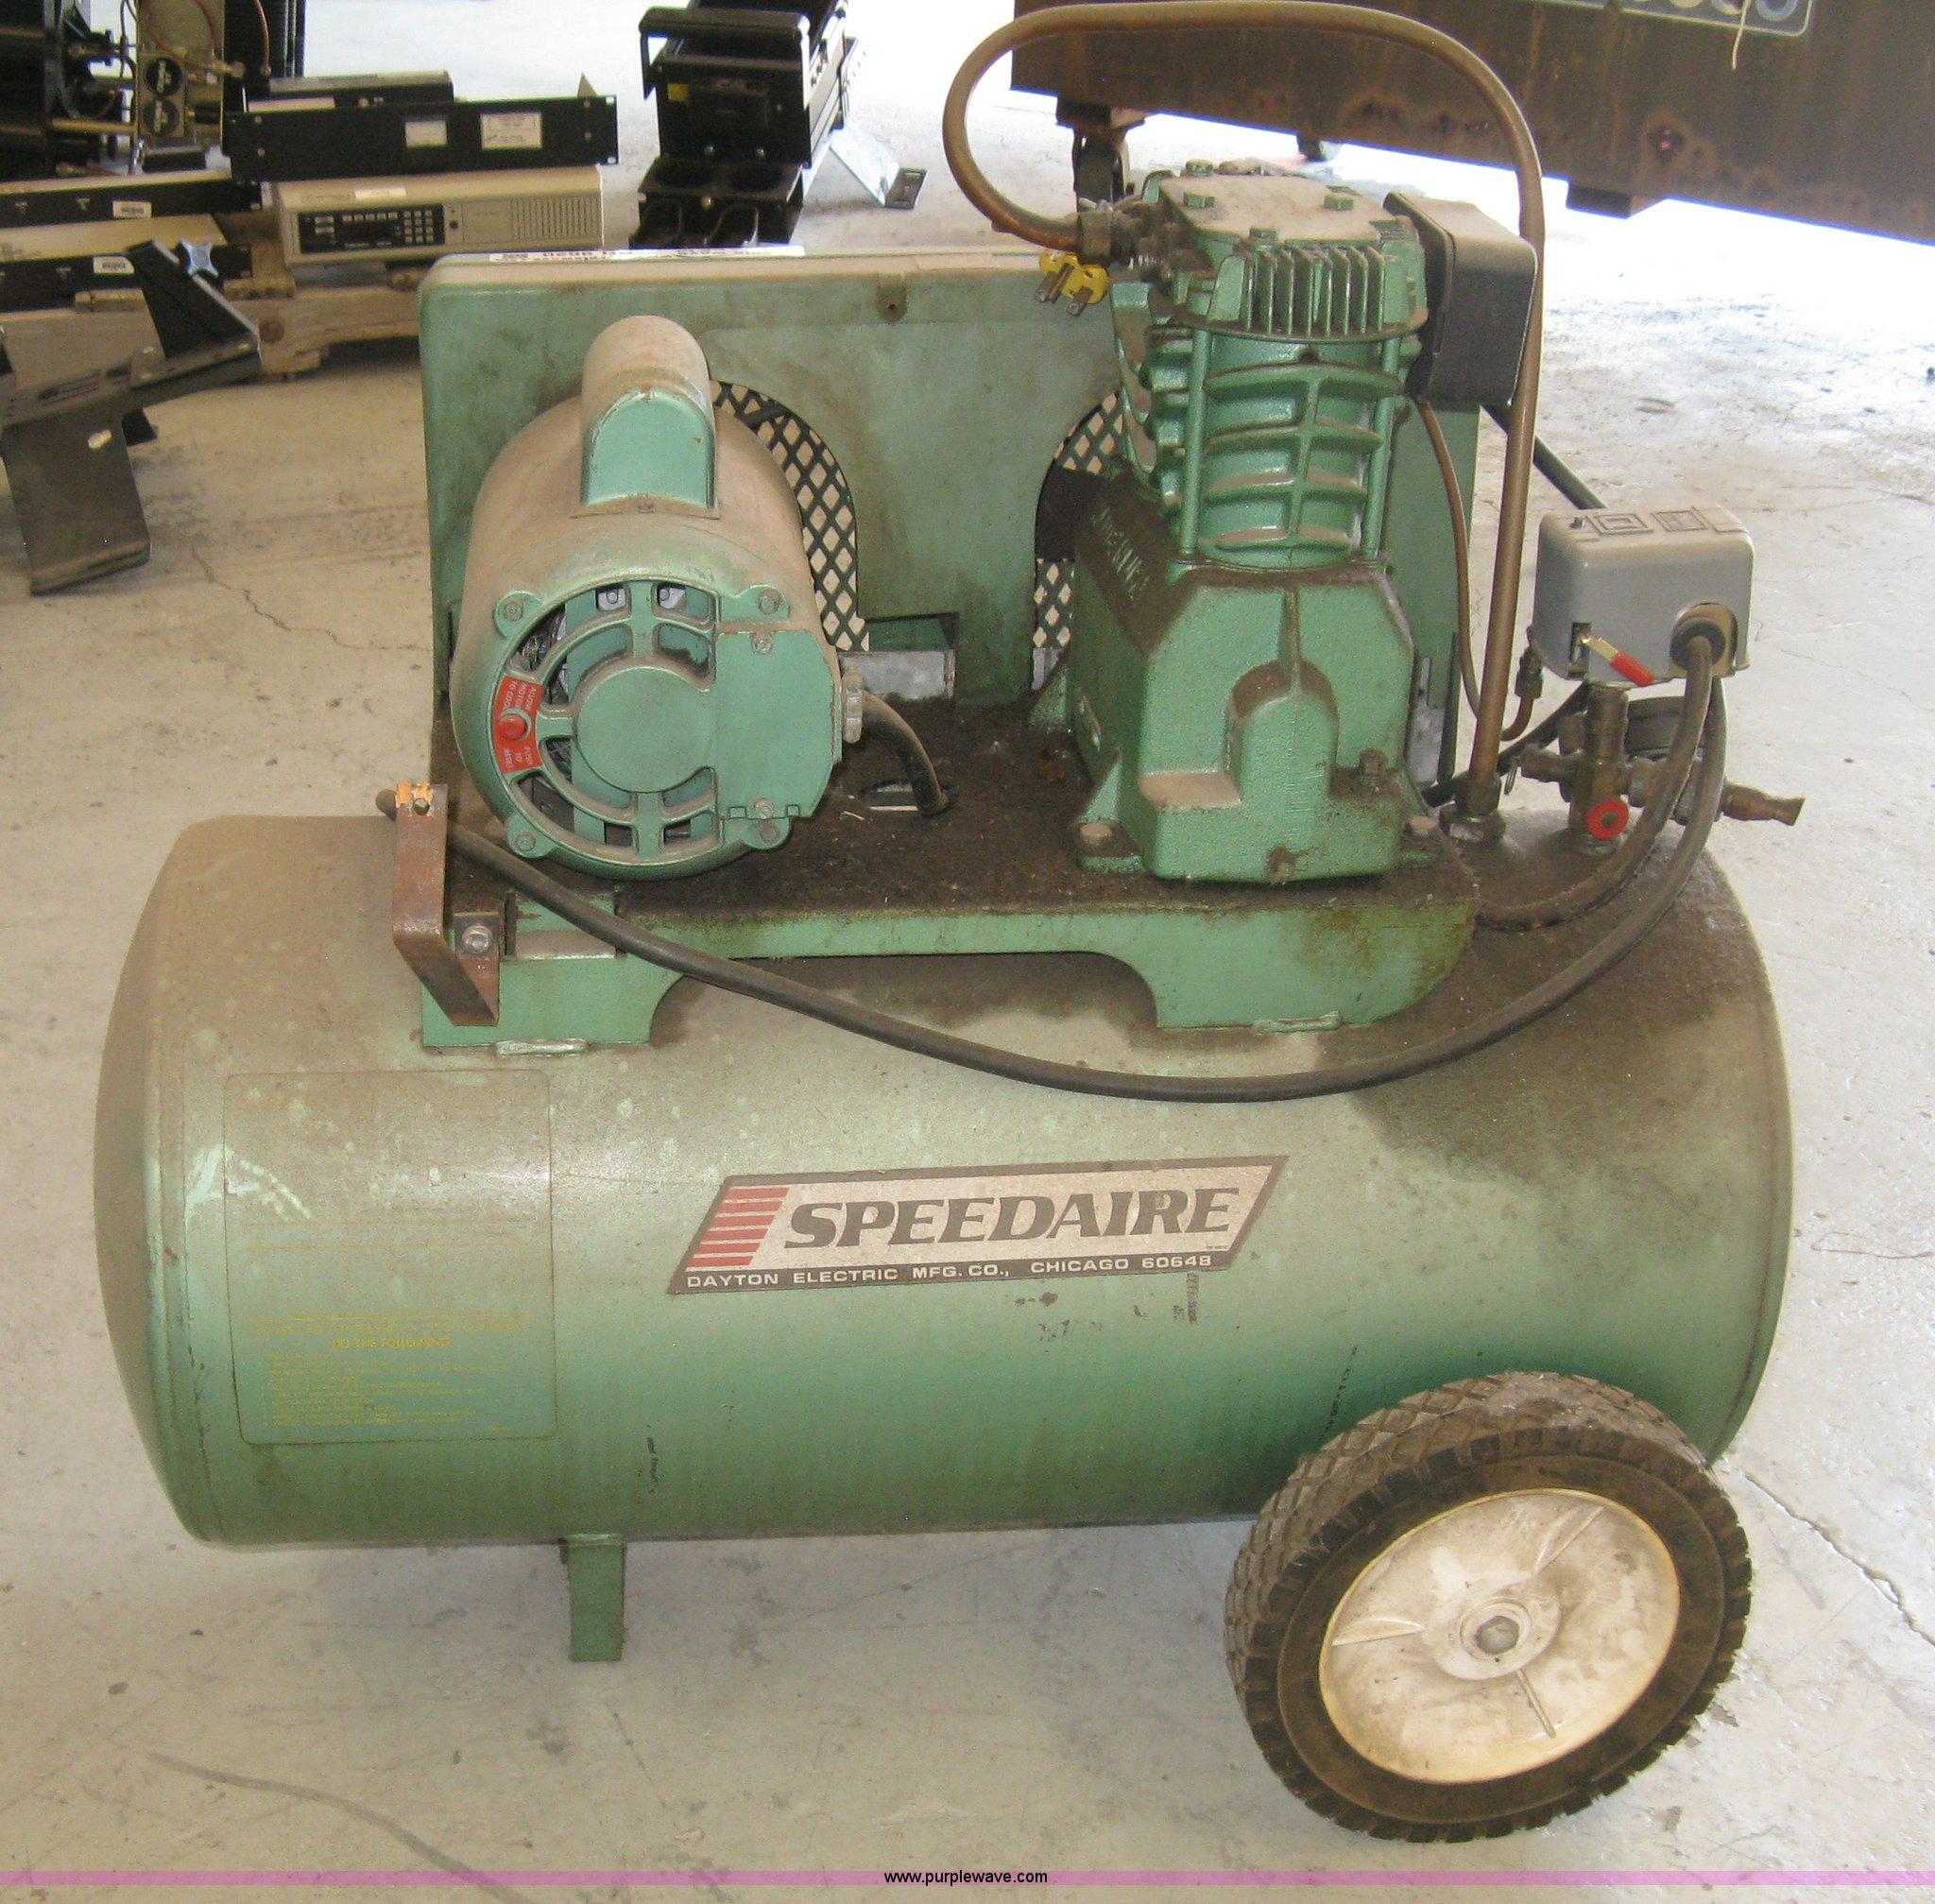 speedaire air compressor item br9620 sold november 3 go rh purplewave com